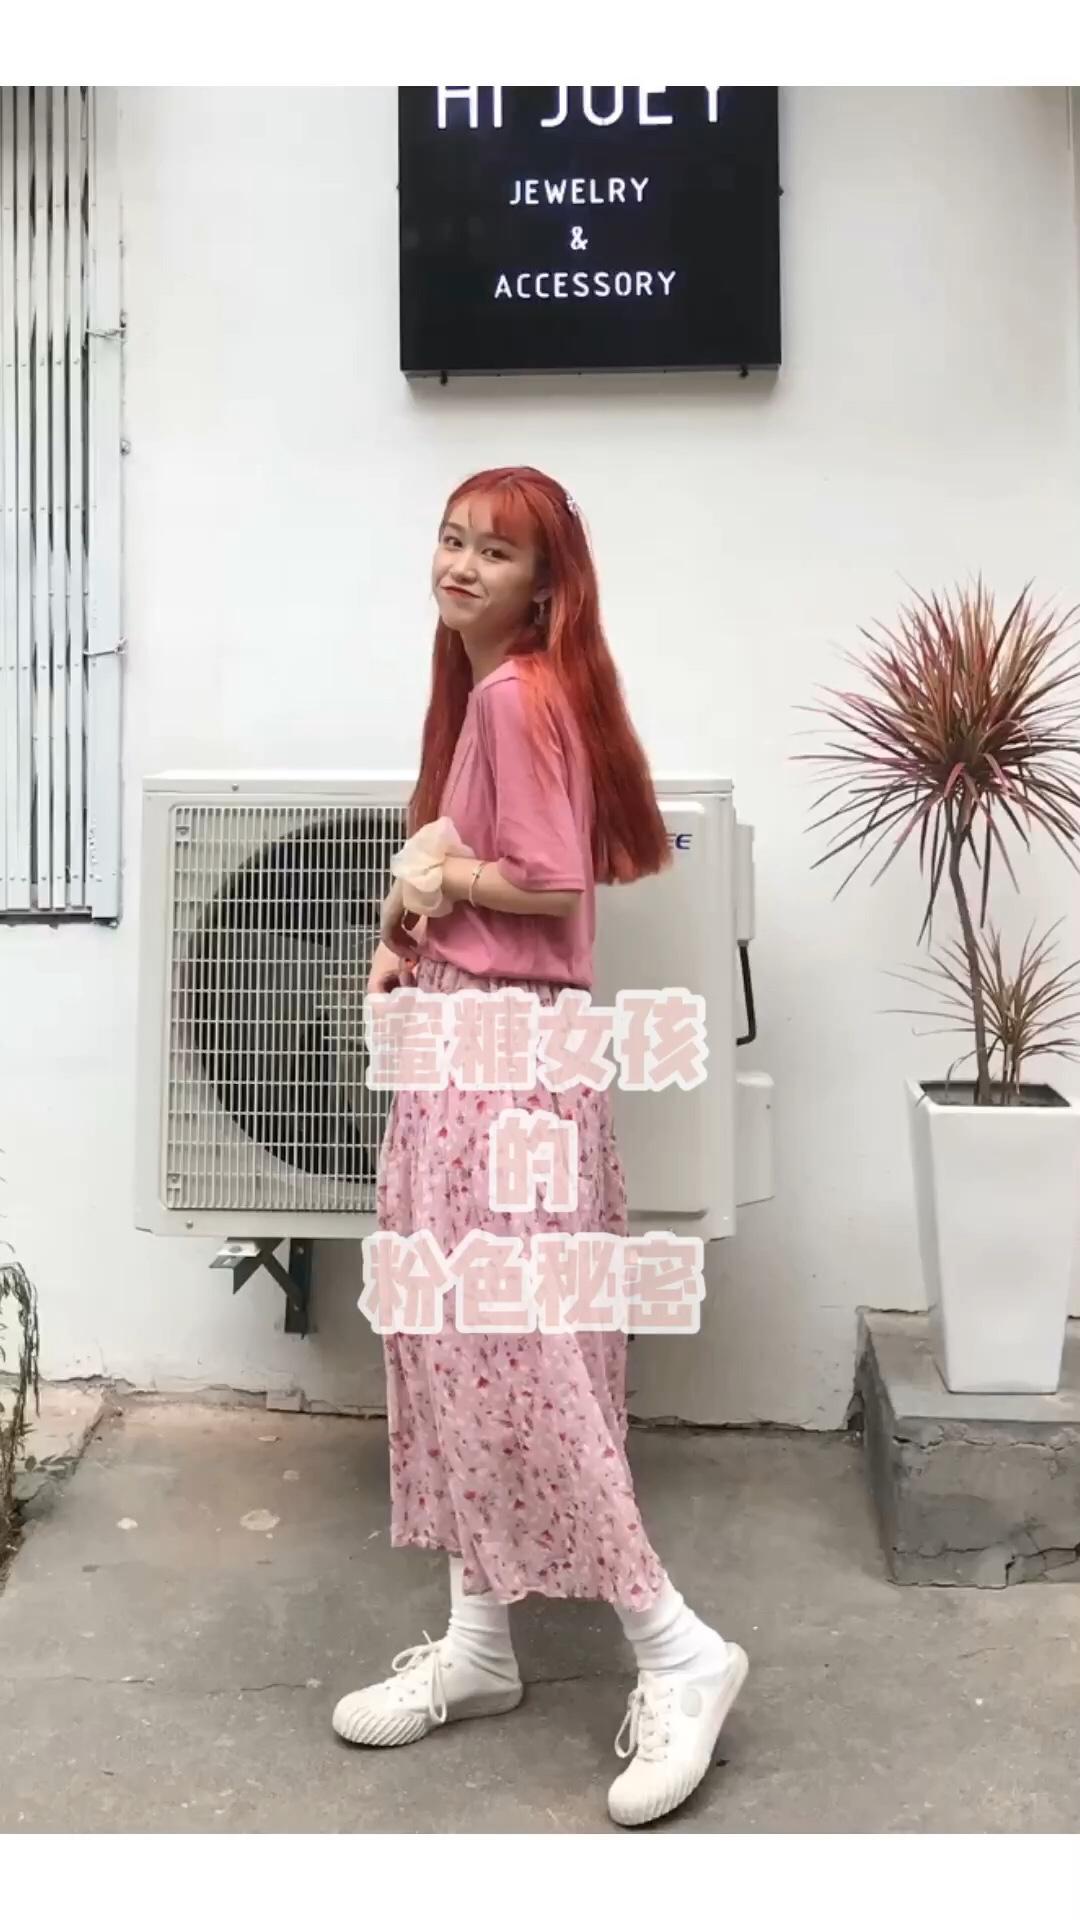 #微胖种草,首选遮肉长裙#蜜桃女孩的粉色色系穿搭来啦! 一件简单的粉色纯色T,面料很舒服透气~ 搭配一条粉色碎花半身长裙~ 一套粉色色调统一,其实炒鸡好看! 尤其这个裙子,花色真的很特别,今年流行了很多碎花,这款 一眼就喜欢了! 搭配小白鞋+白袜子,整个很清新的感觉 随便拍拍都是韩国小姐姐的感觉!